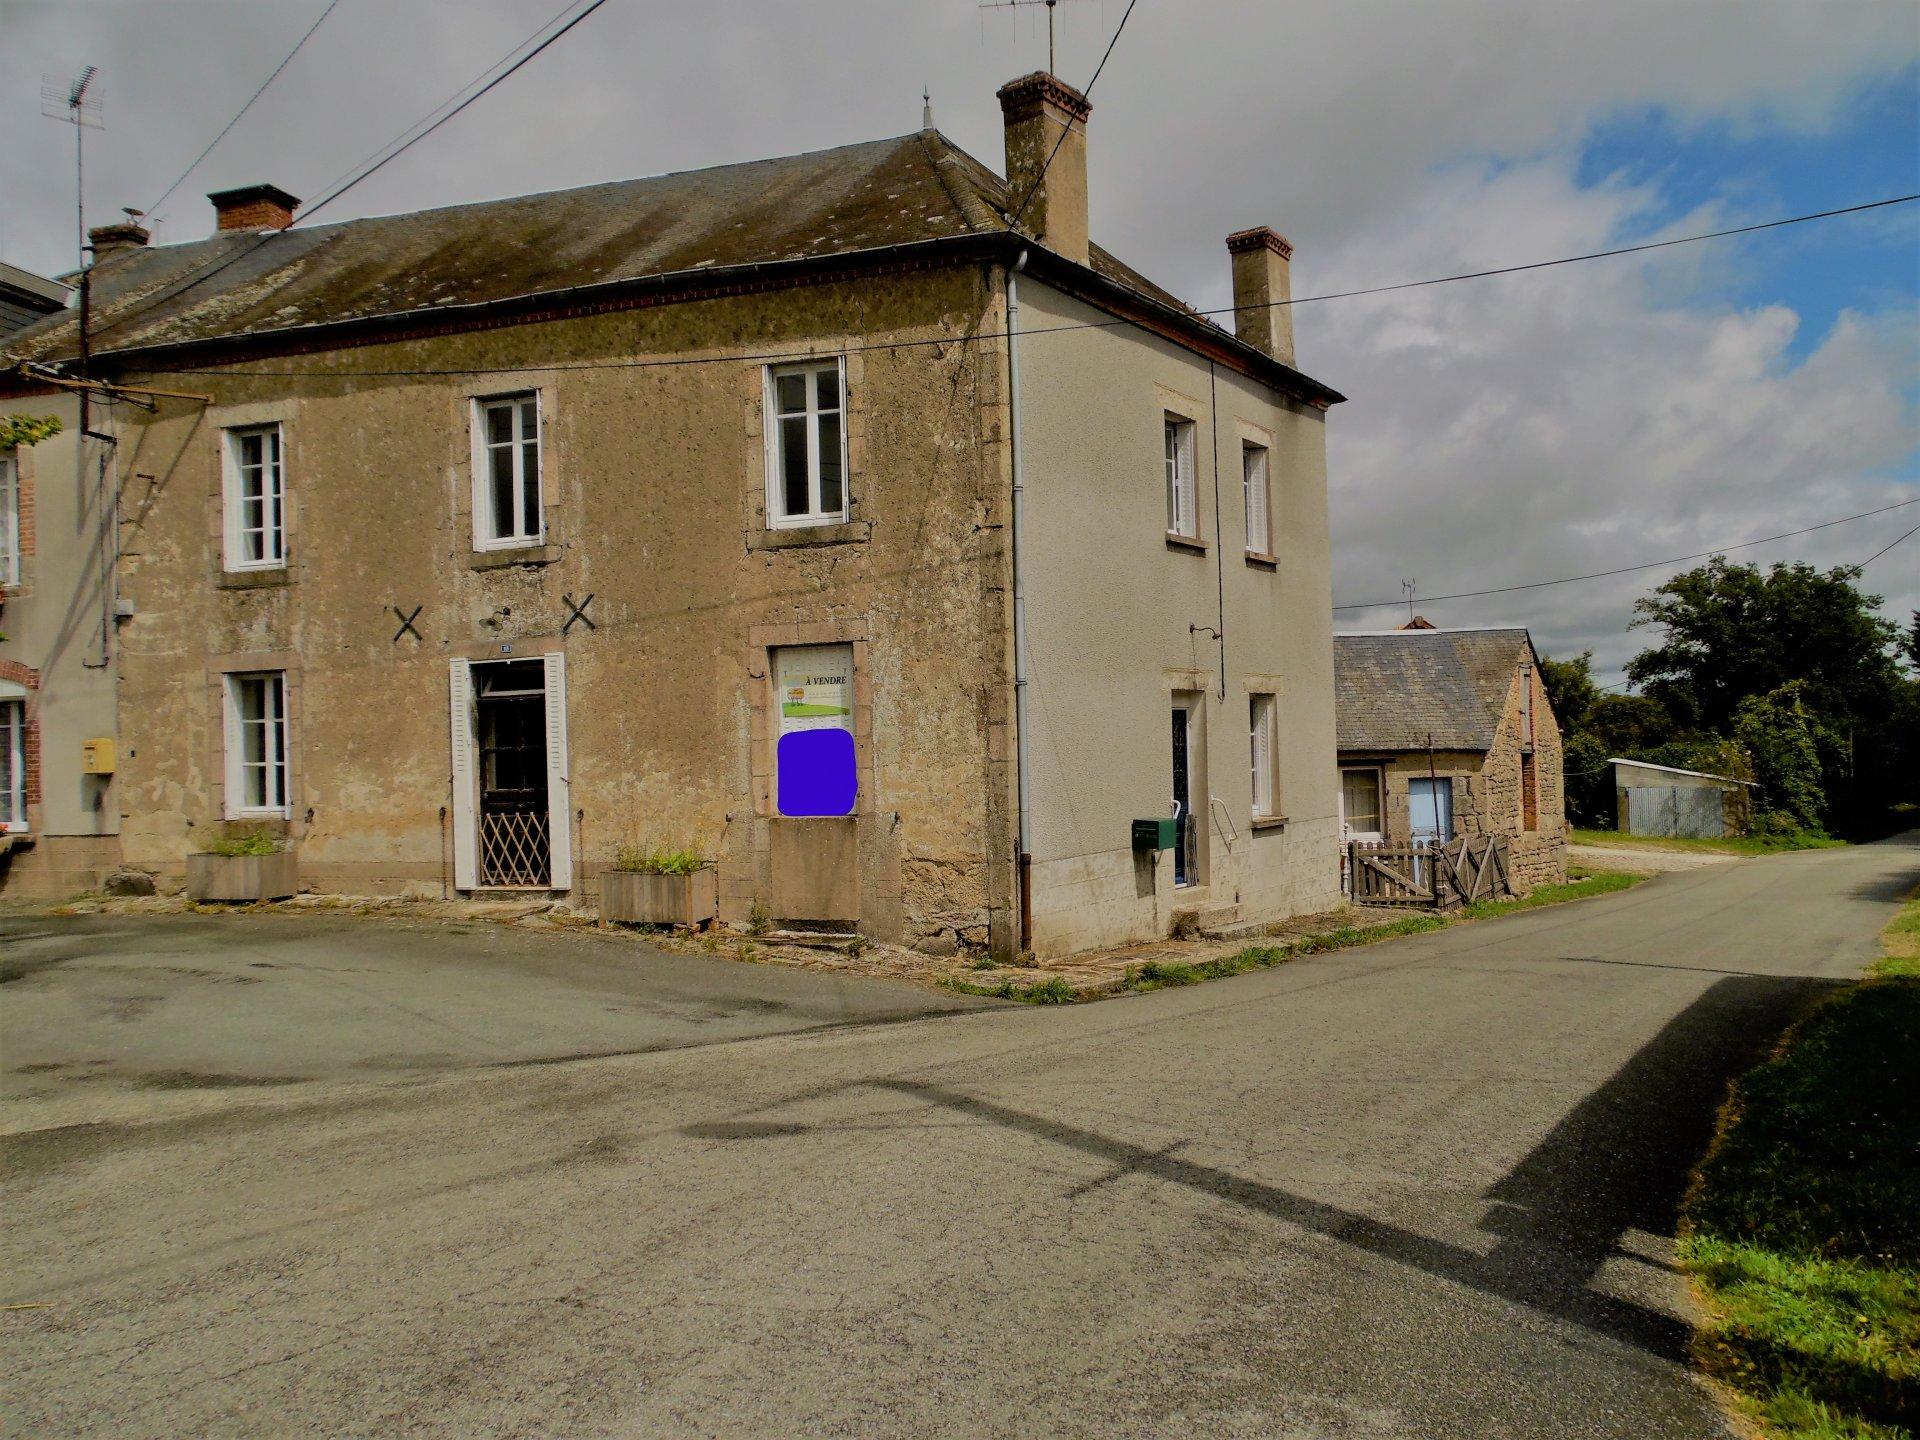 Te koop in de Creuse een huis met cour, bijgebouwen en tuin